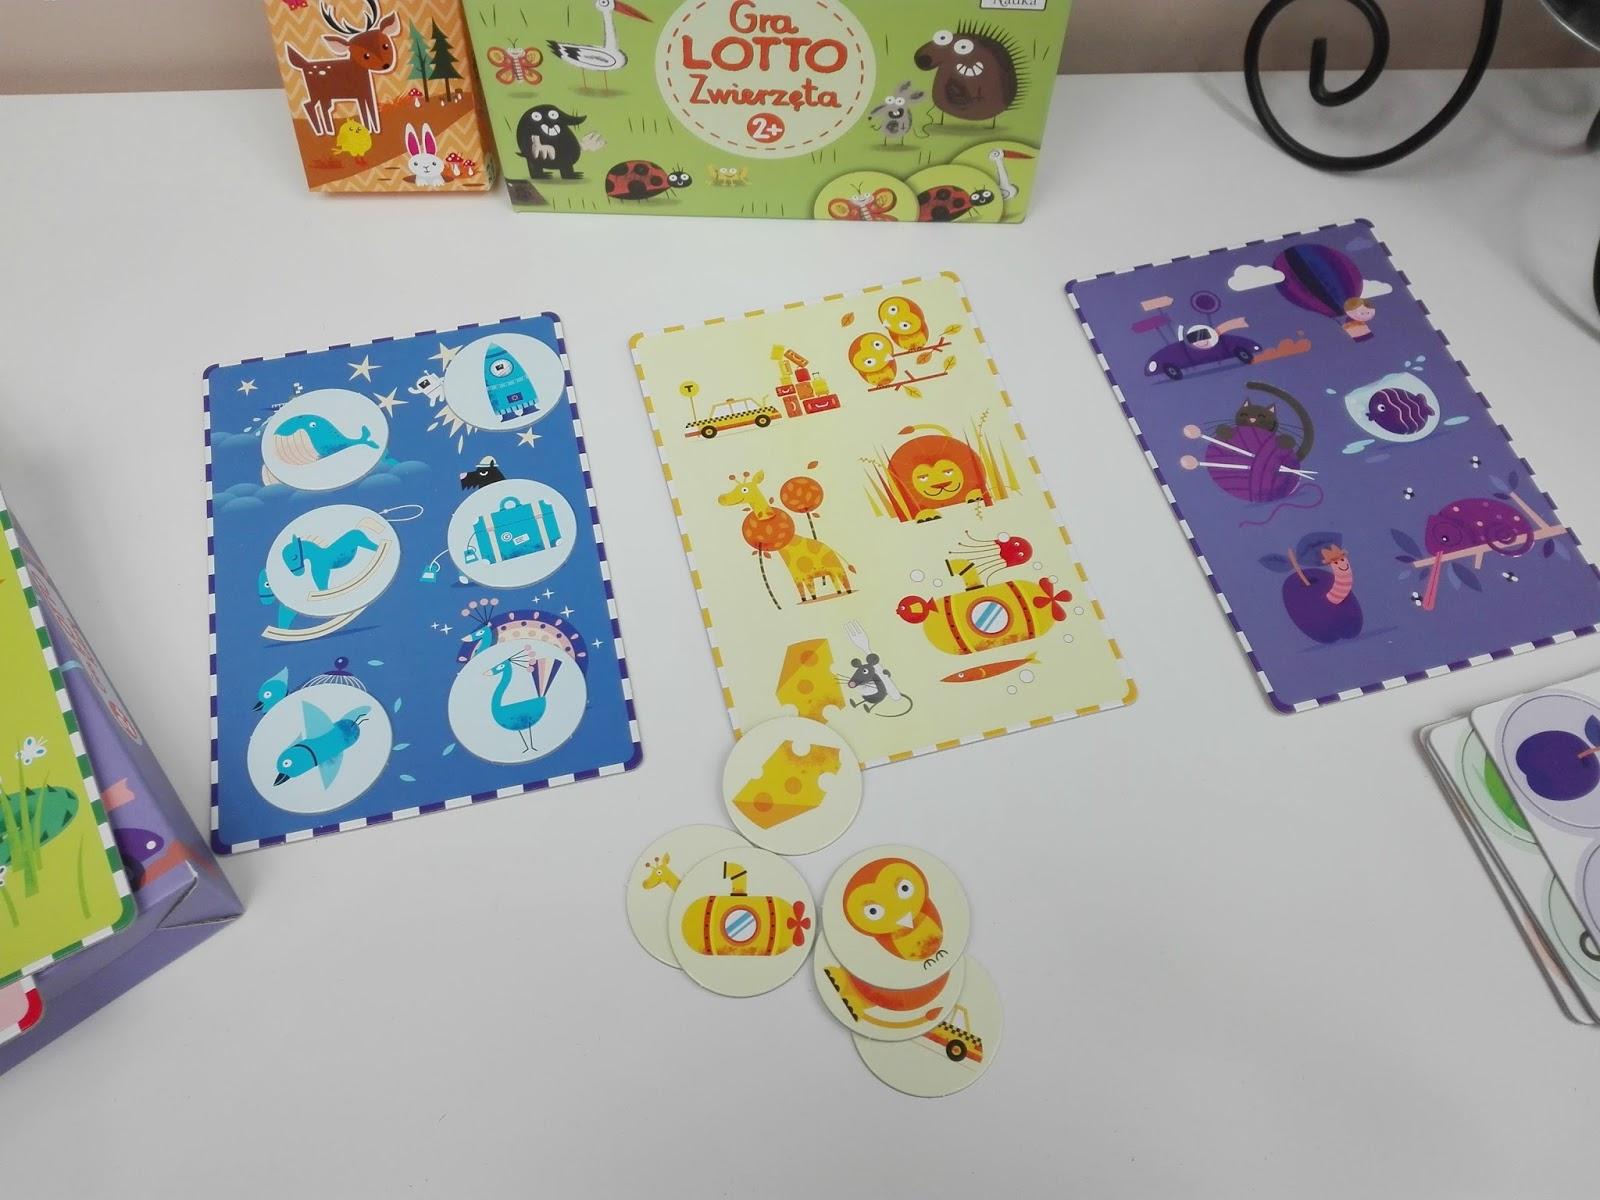 Gry dla dzieci 2+: nauka kolorów, rozwój słownictwa, Lotto kolory, lotto zwierzęta, kapitan planeta